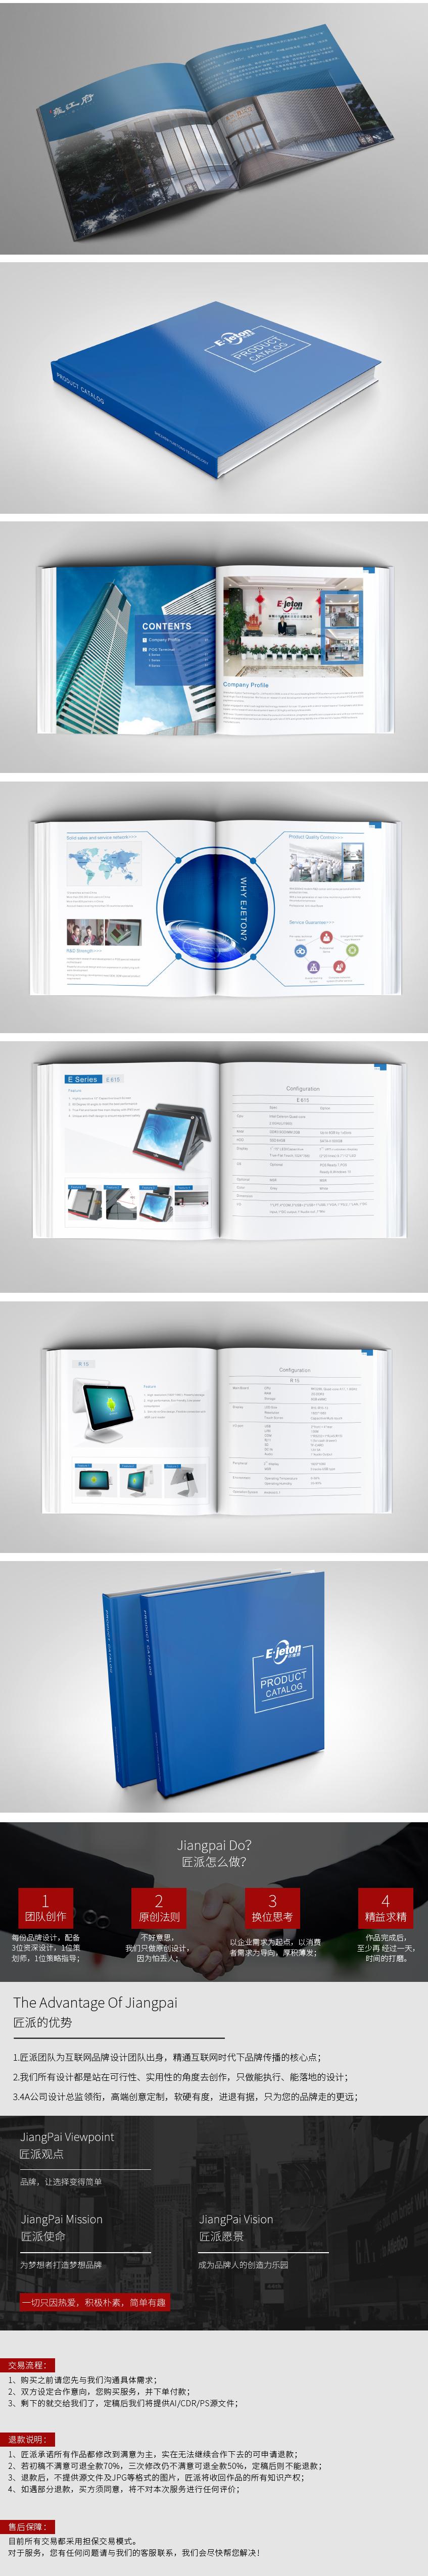 _企业画册logo标志设计产品册设计菜谱菜单广告封面画册设计2